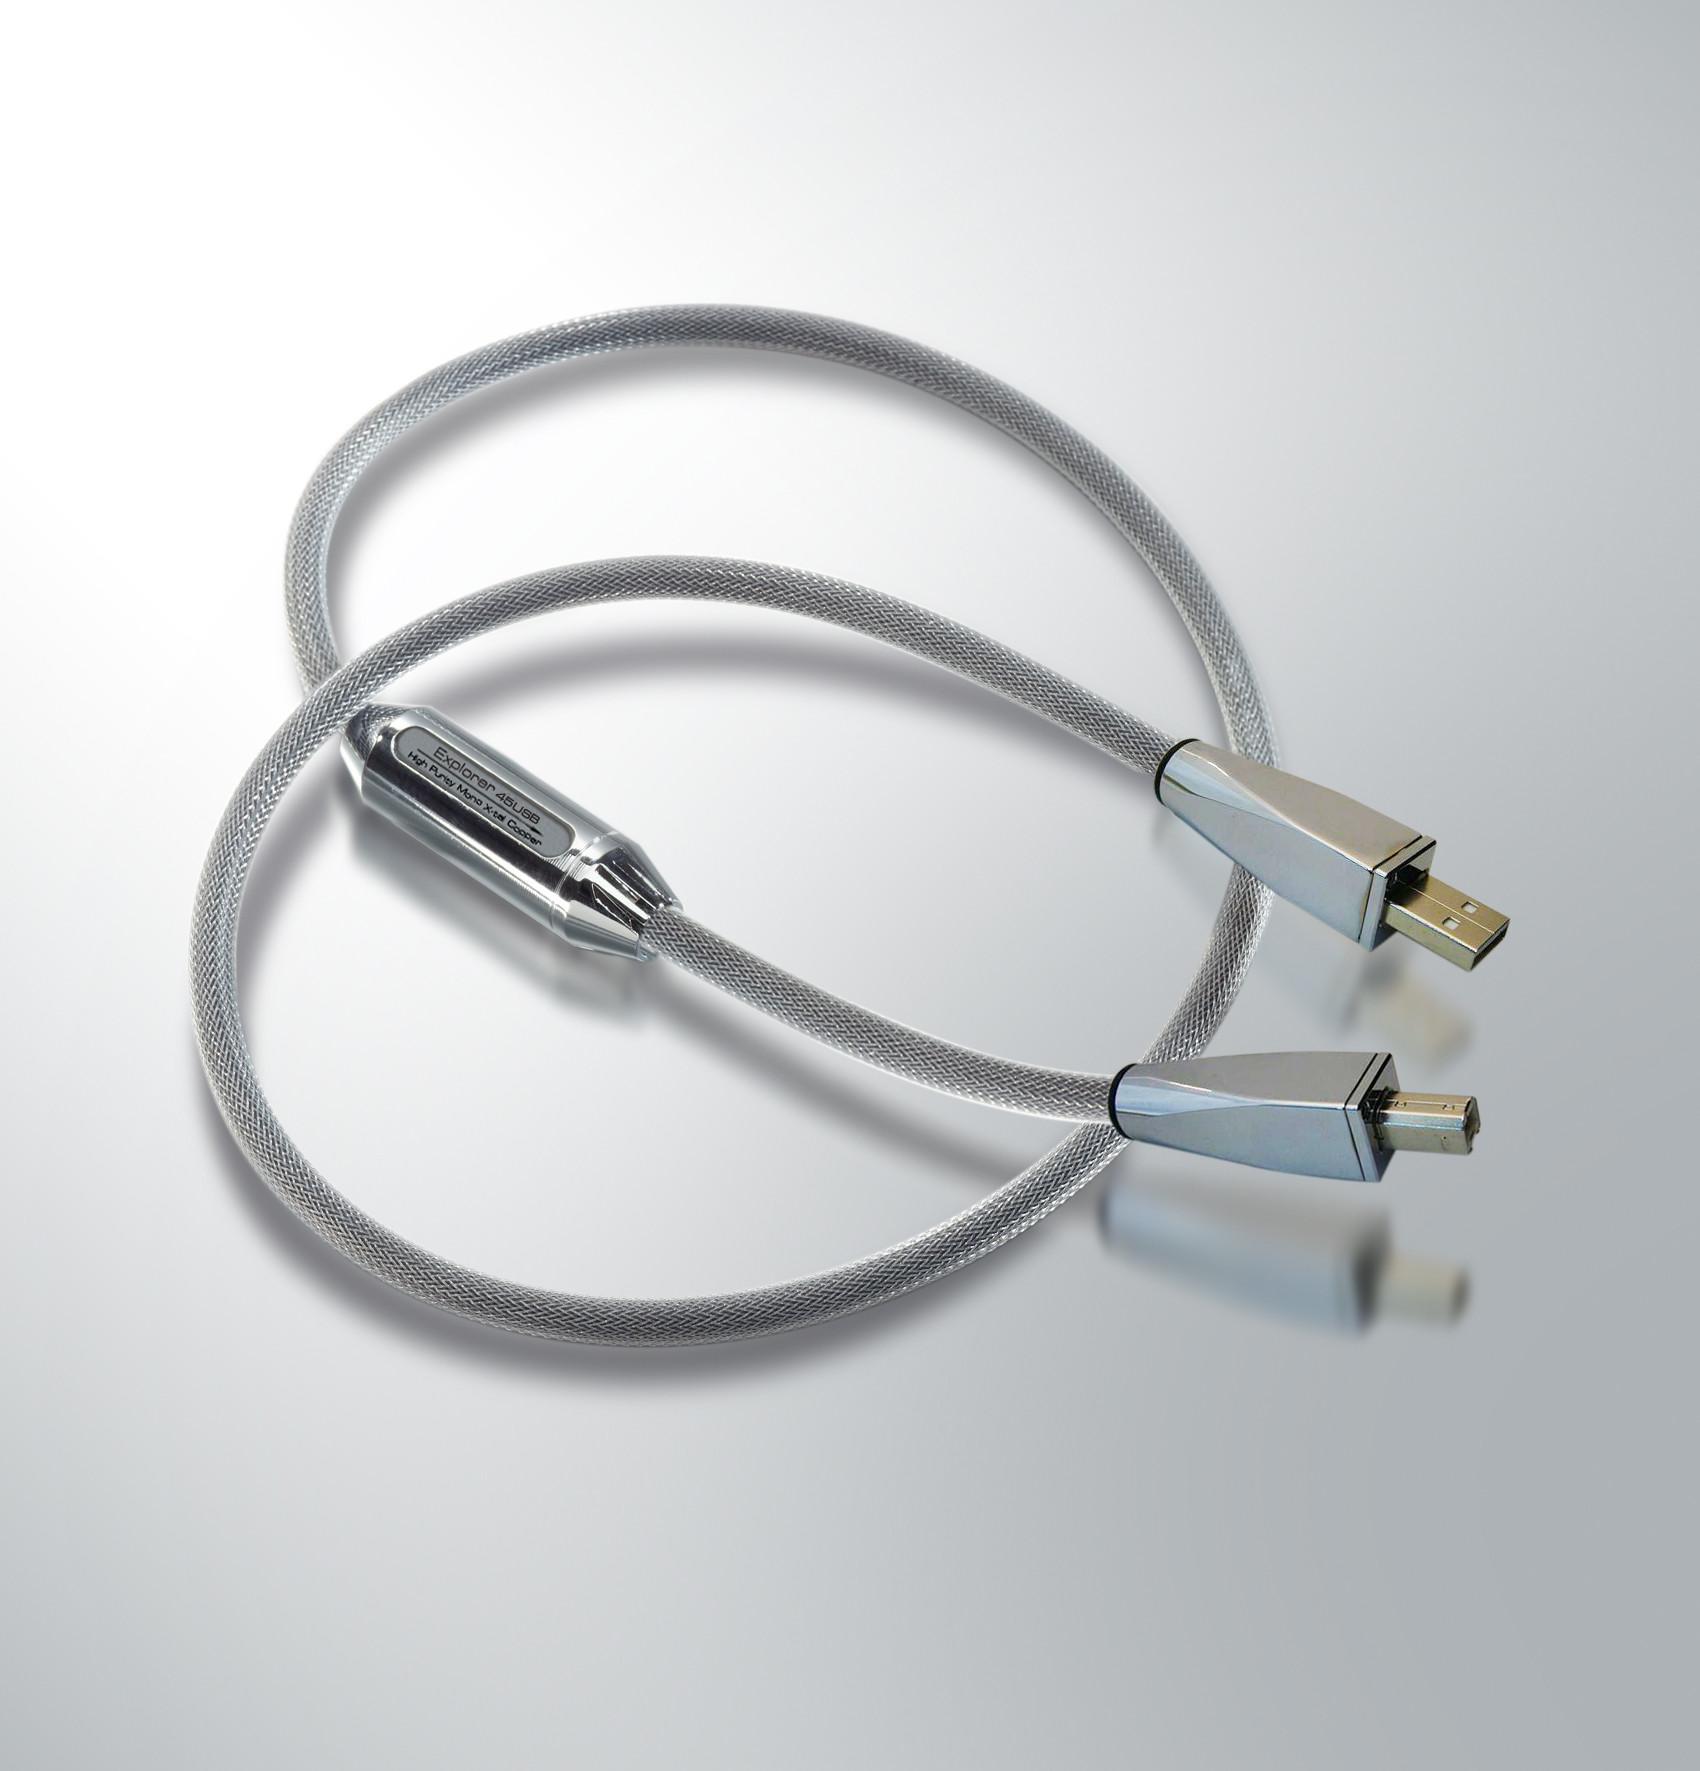 Siltech 45 USB 數位線